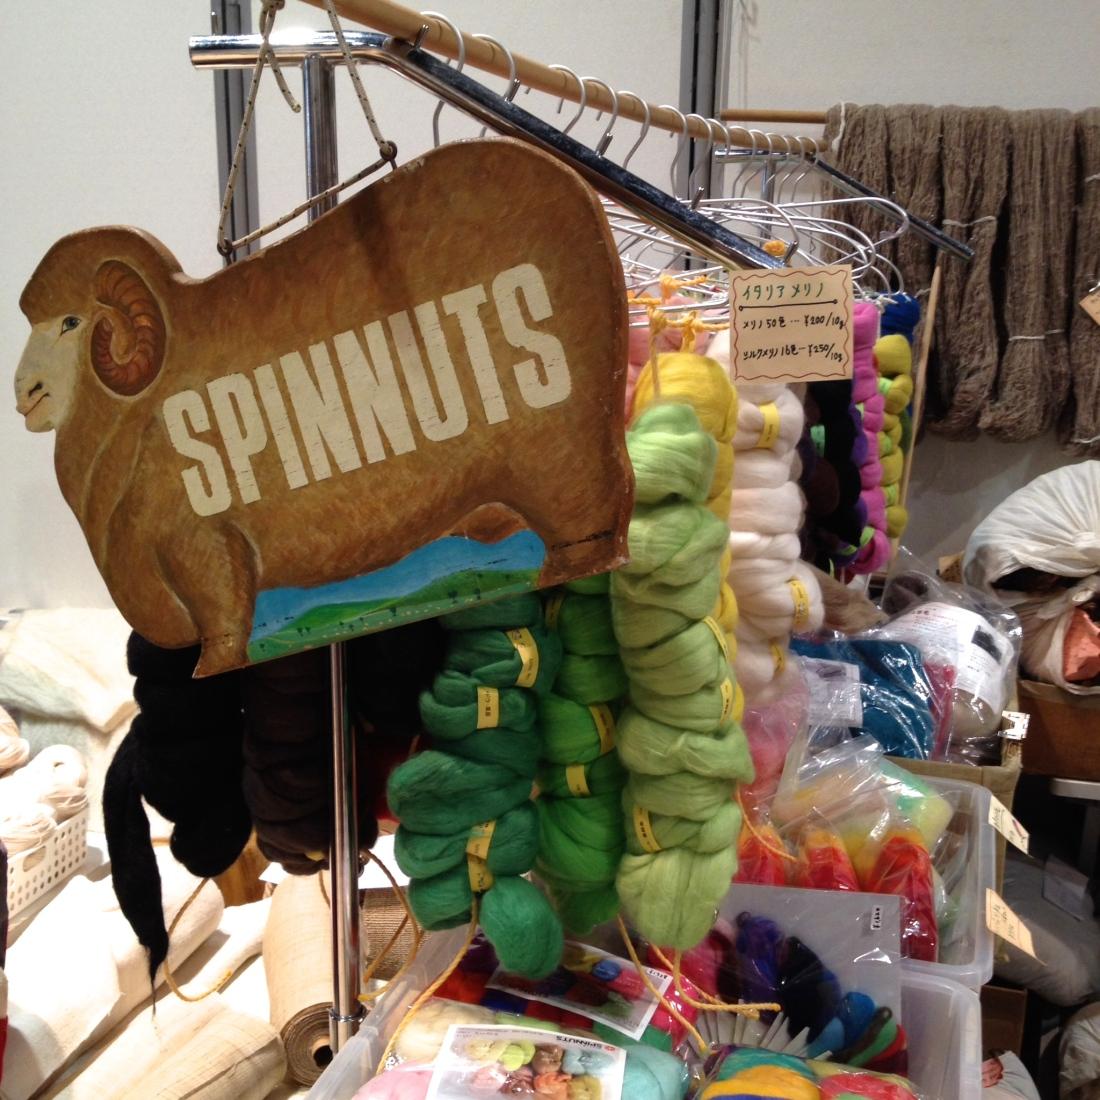 Spinnuts